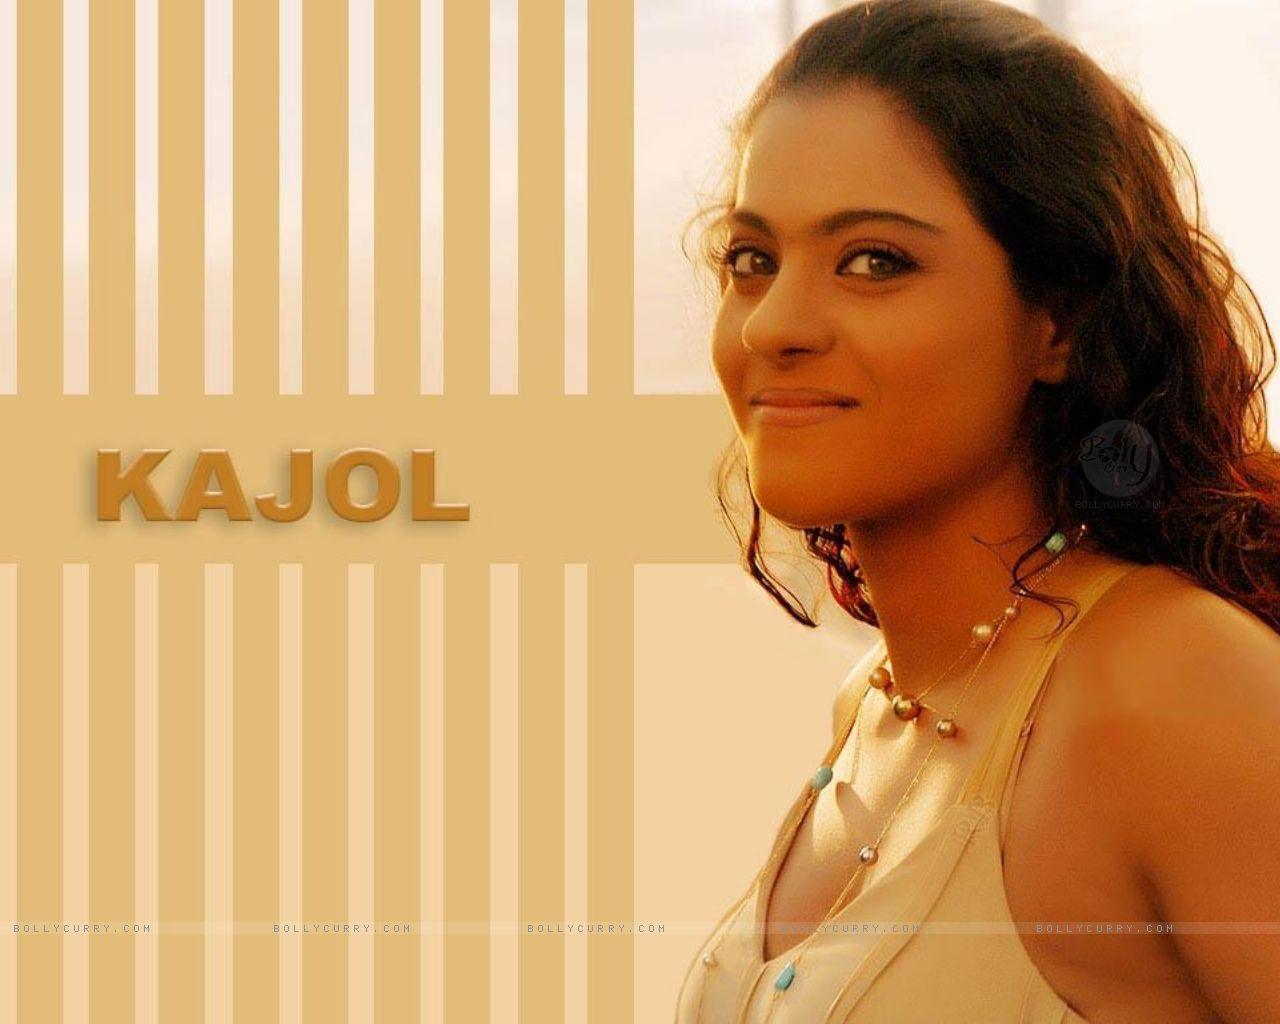 Kajol Devgan Hot